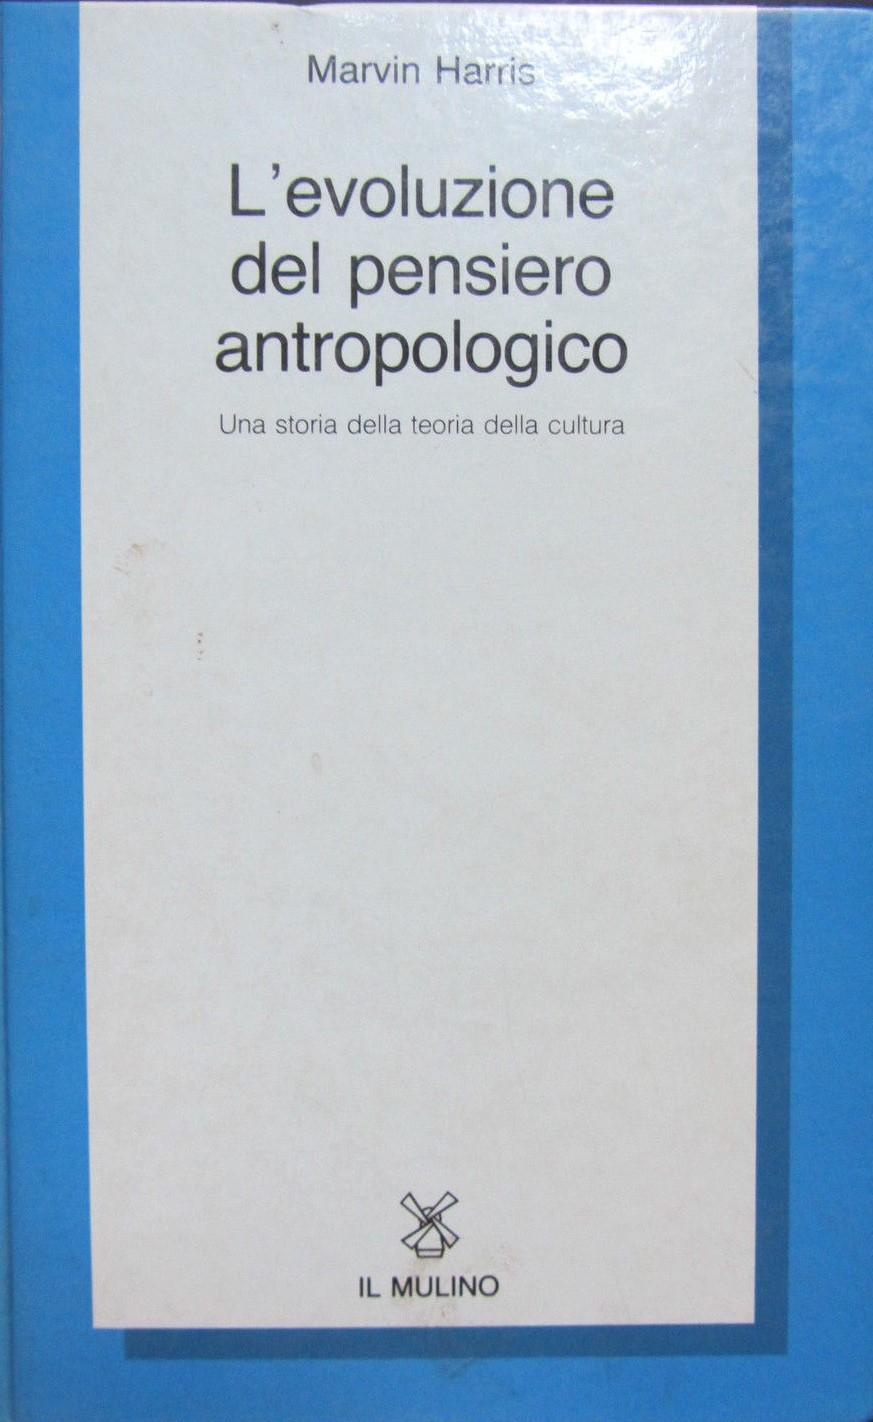 L'evoluzione del pensiero antropologico